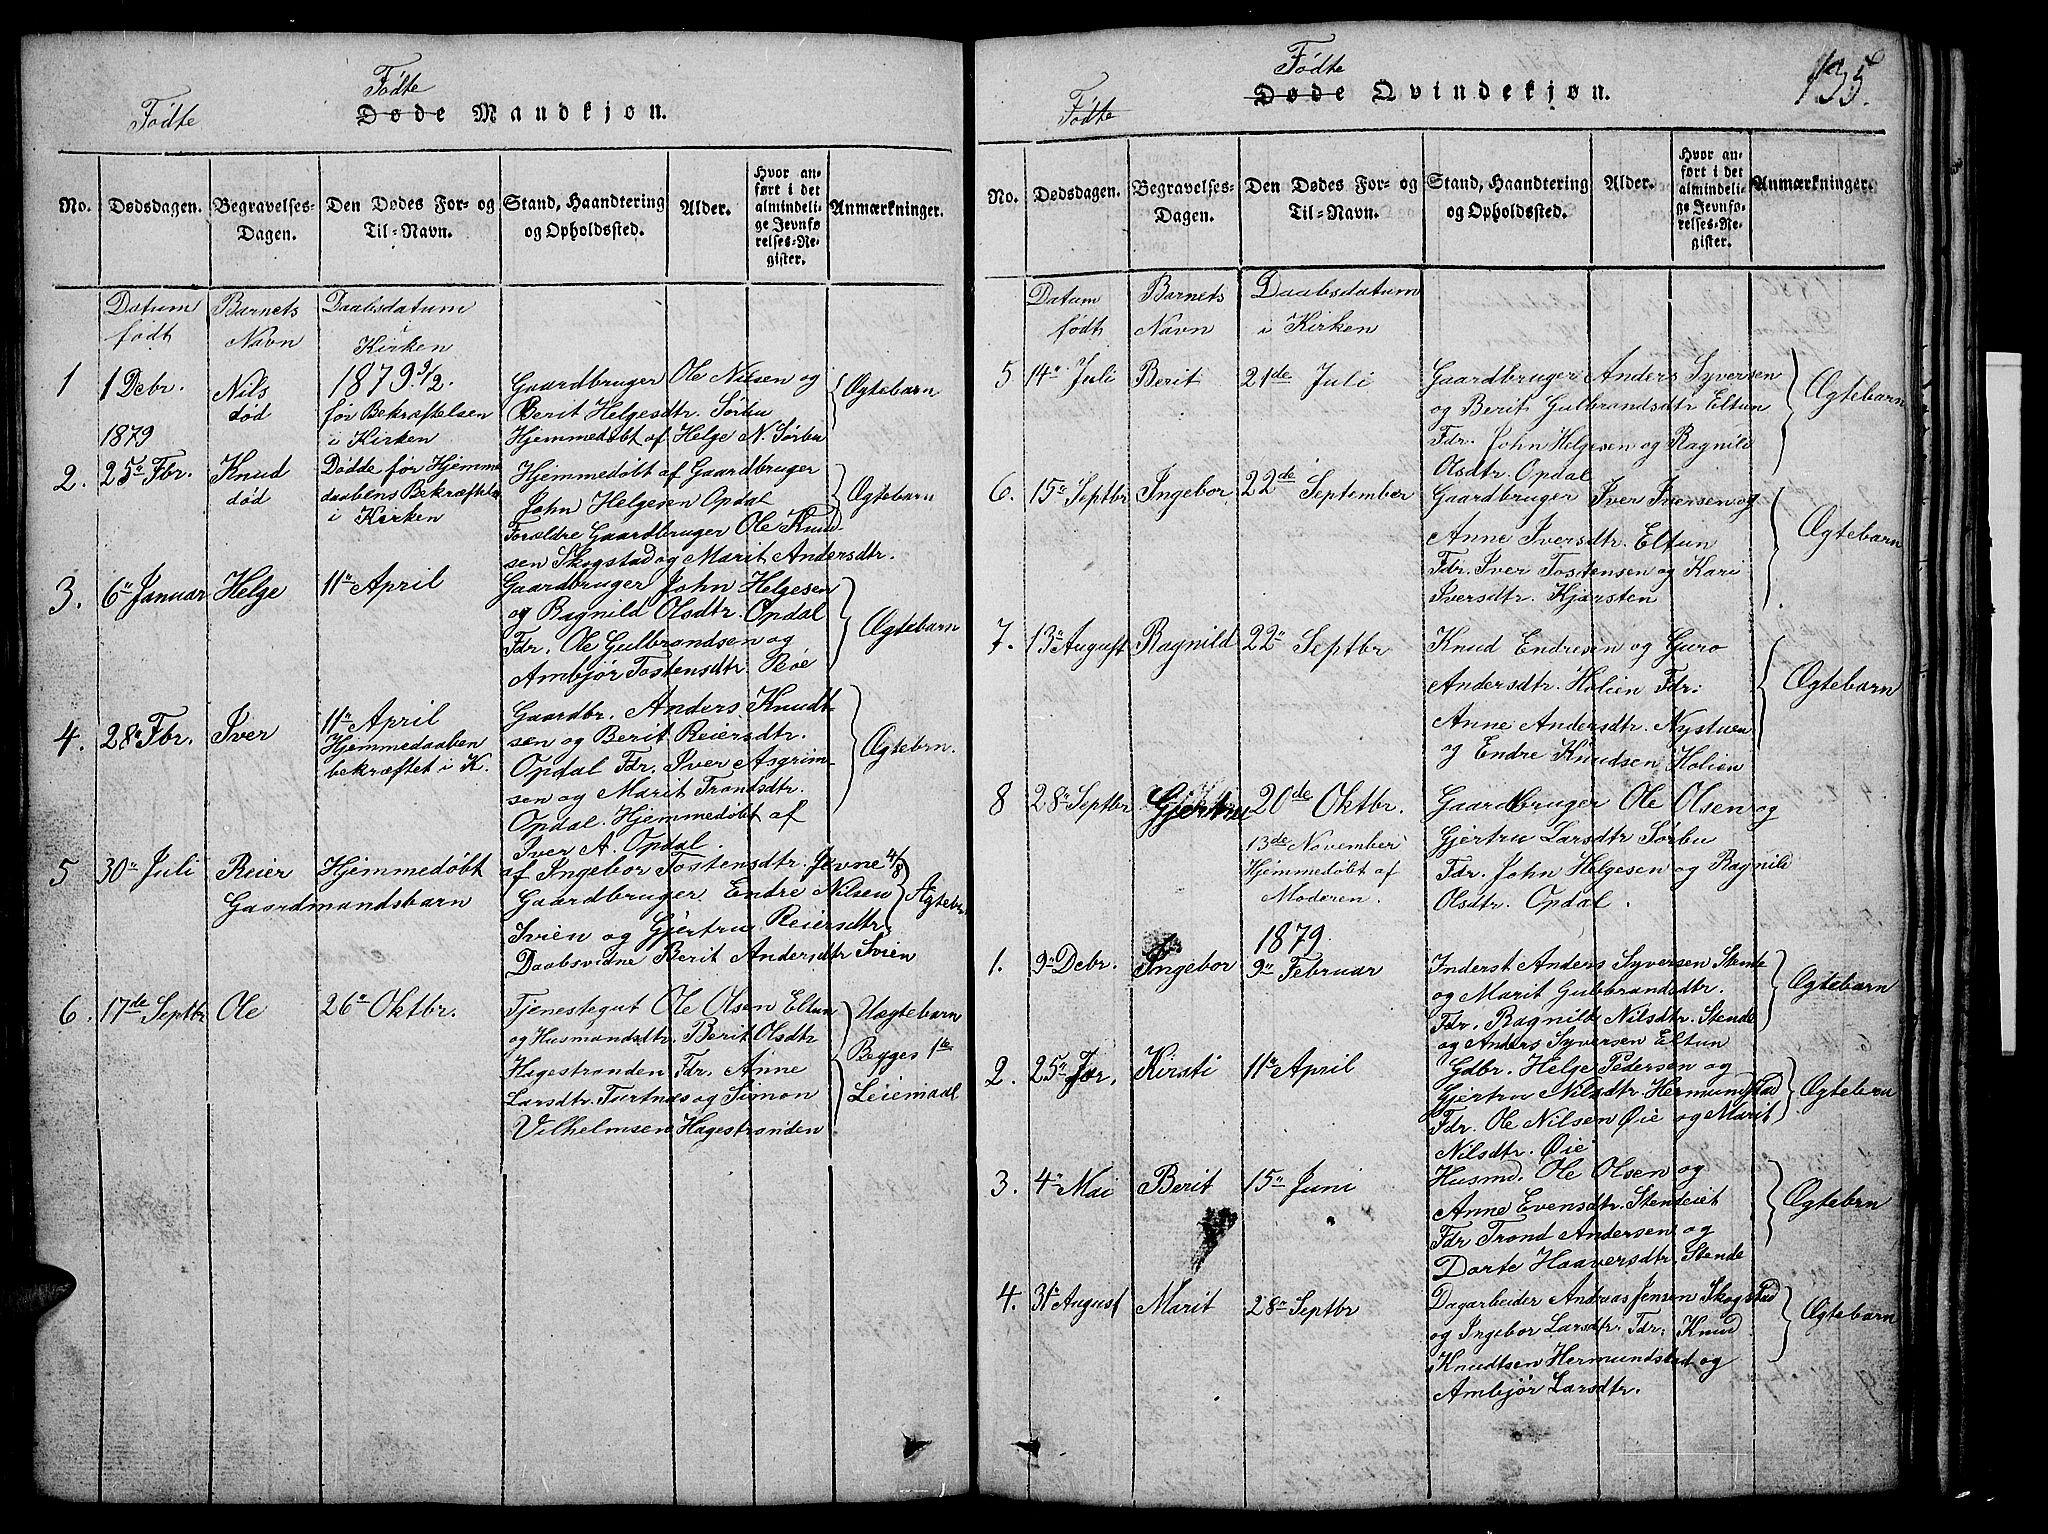 SAH, Vang prestekontor, Valdres, Klokkerbok nr. 2, 1814-1889, s. 135